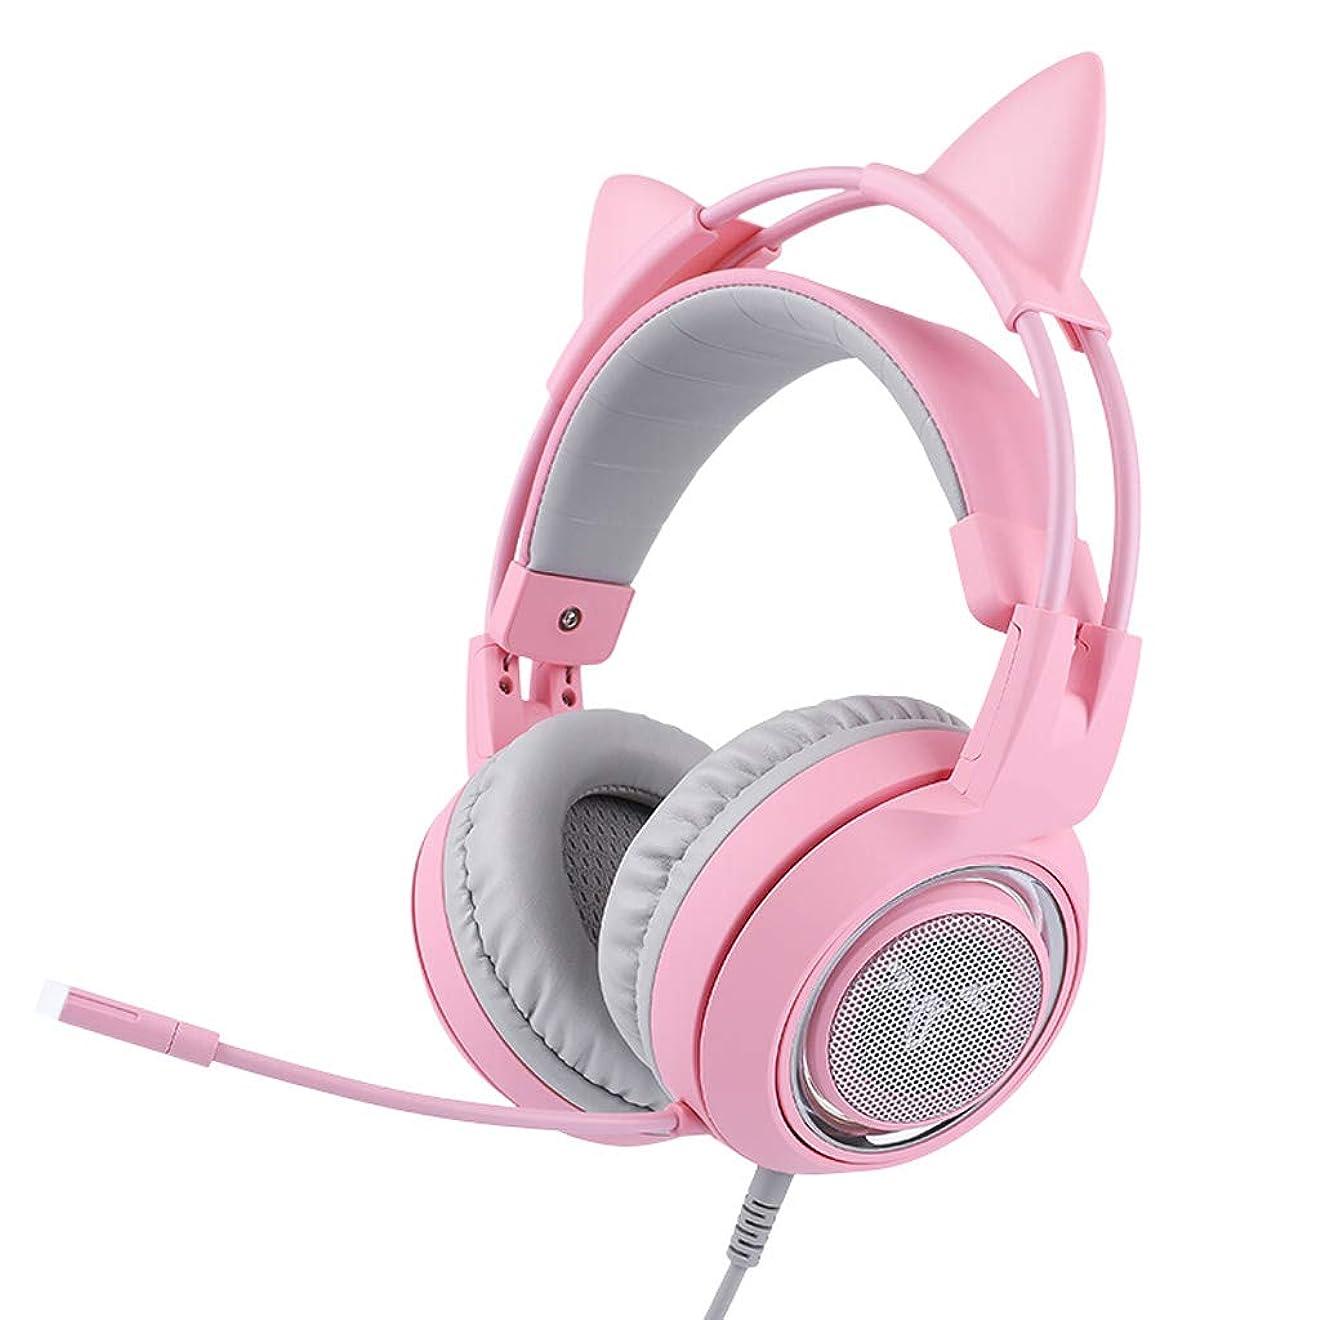 サイクロプス純正契約するフライゲーム用ヘッドフォン イートチキンヘッド ライブアンカーガール かわいい猫耳 パウダー クリスタル 7.1チャンネル G951PINK ピンクヘッドセット